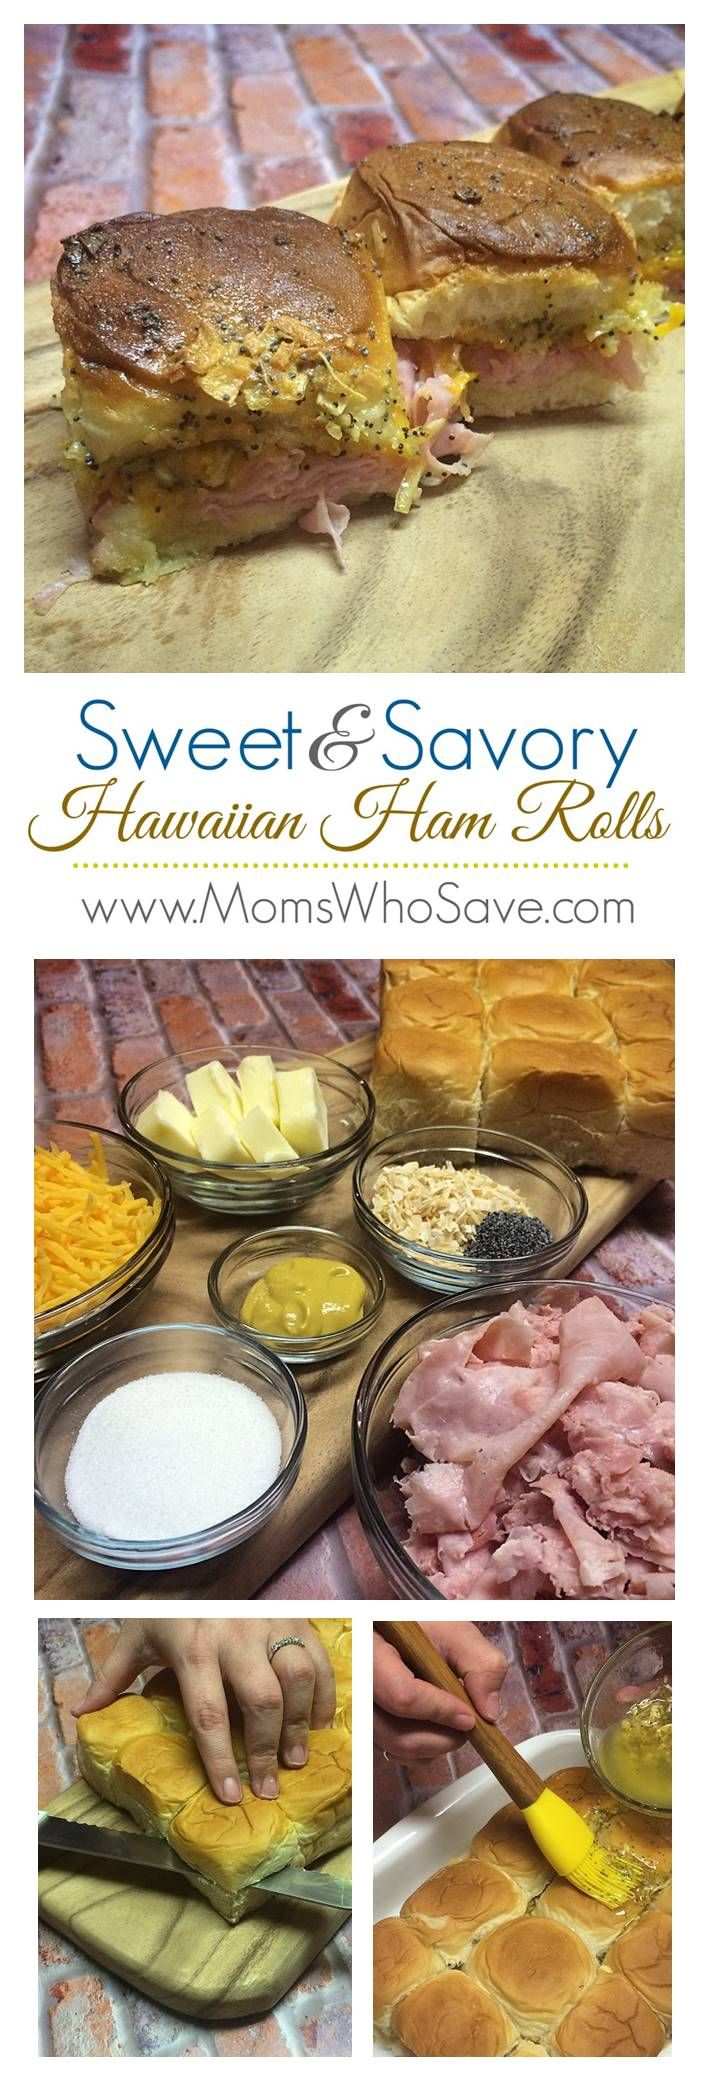 Sweet & Savory Hawaiian Ham Rolls